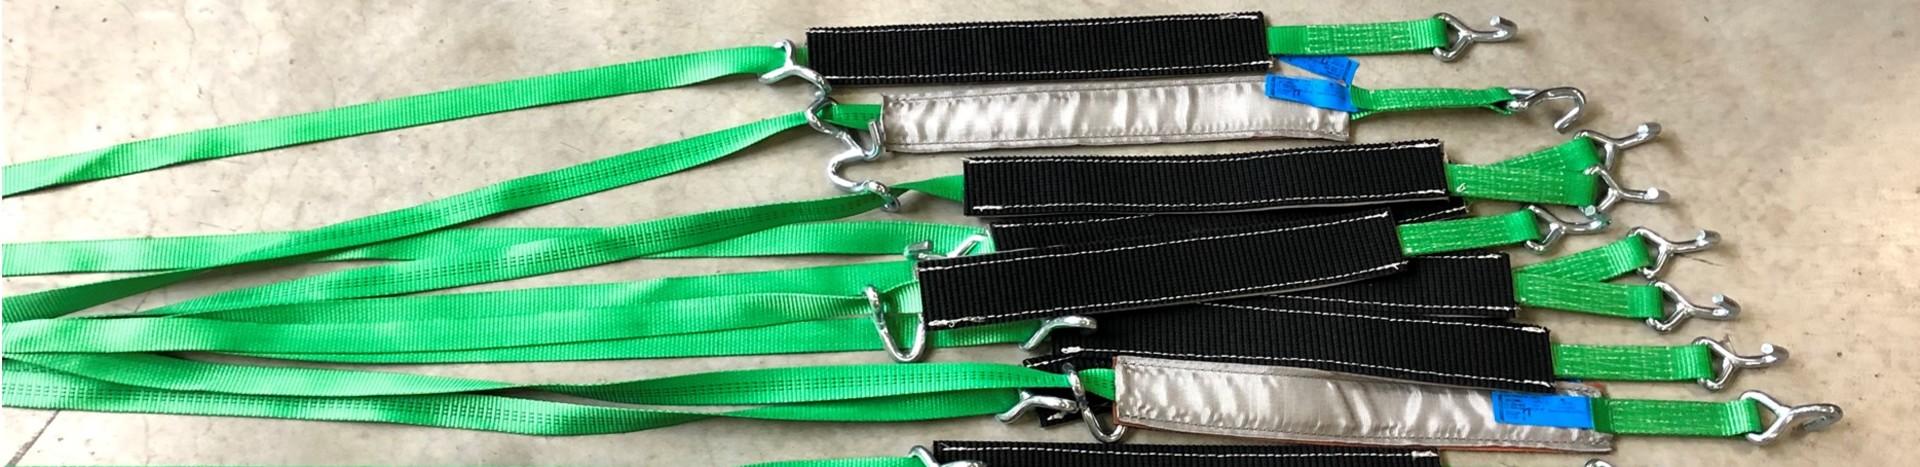 spanbanden Voor Autotransport